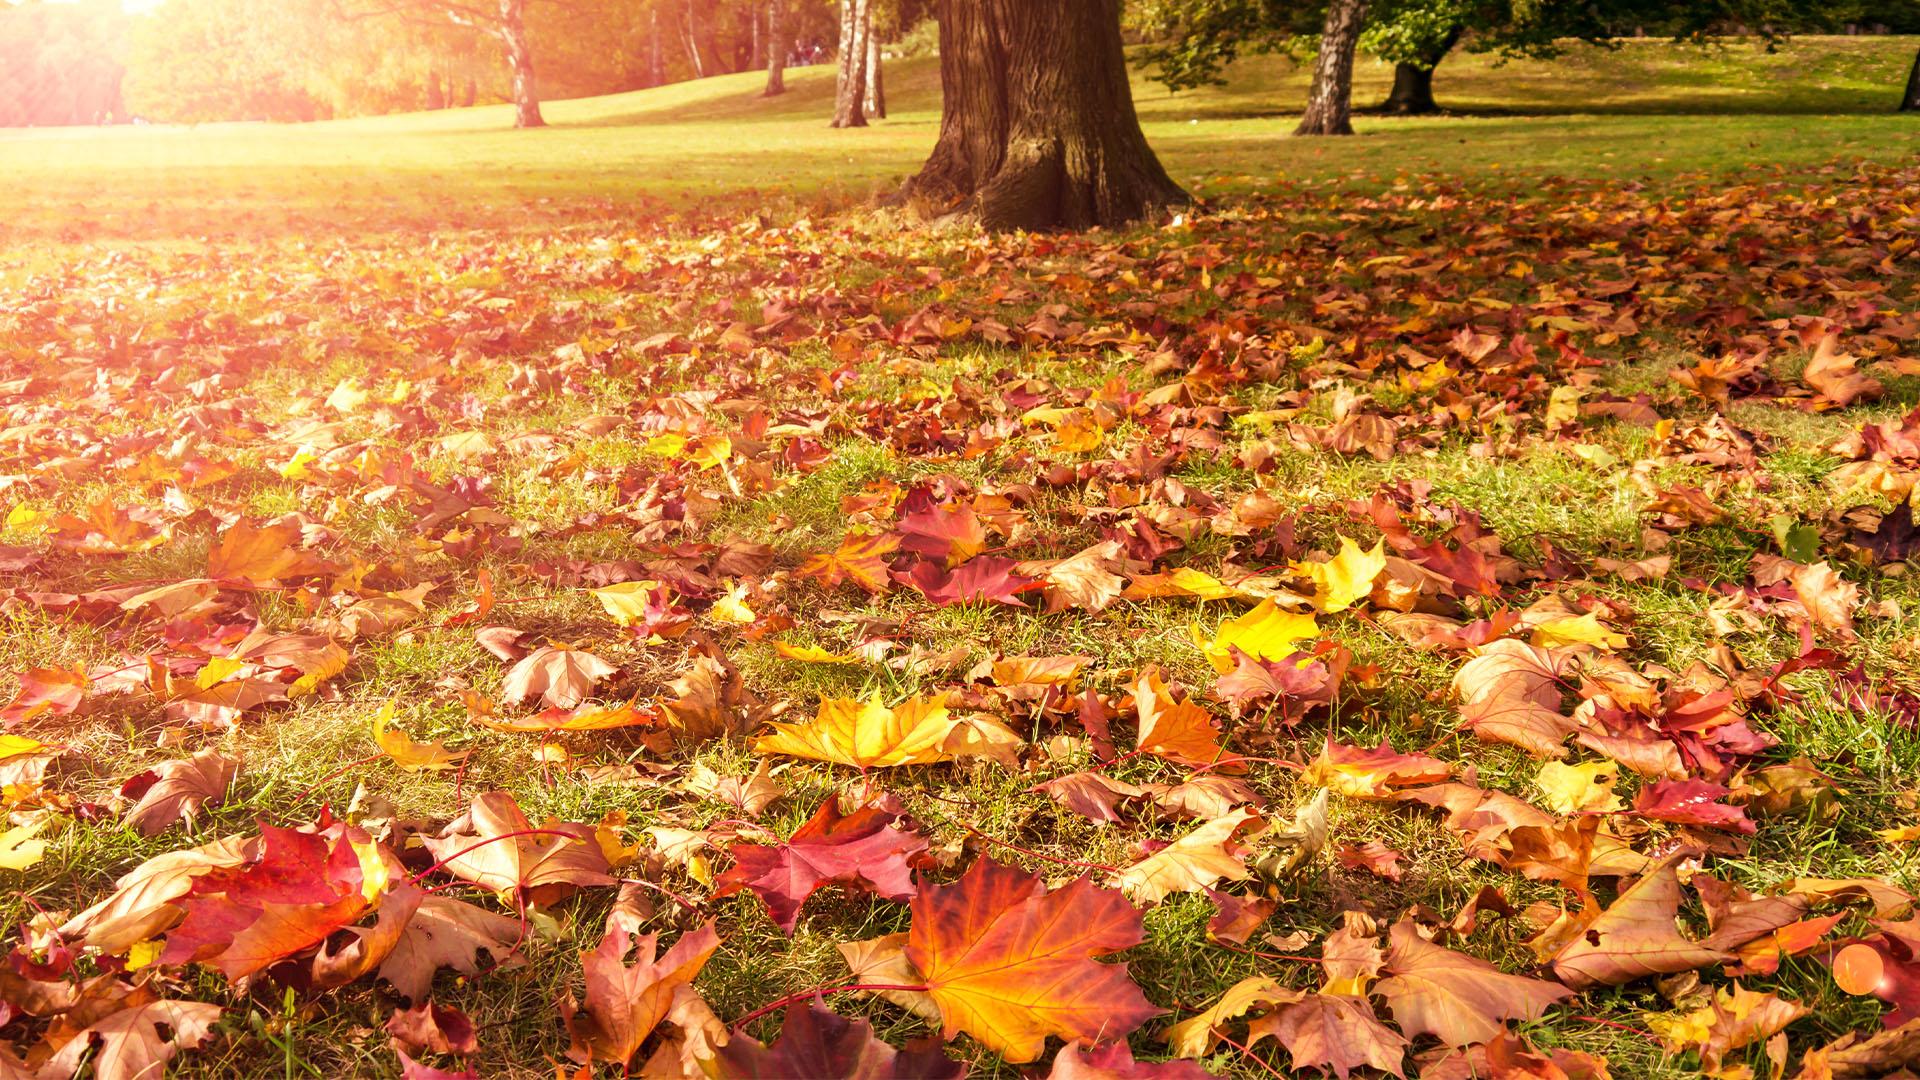 Autumun Leaves